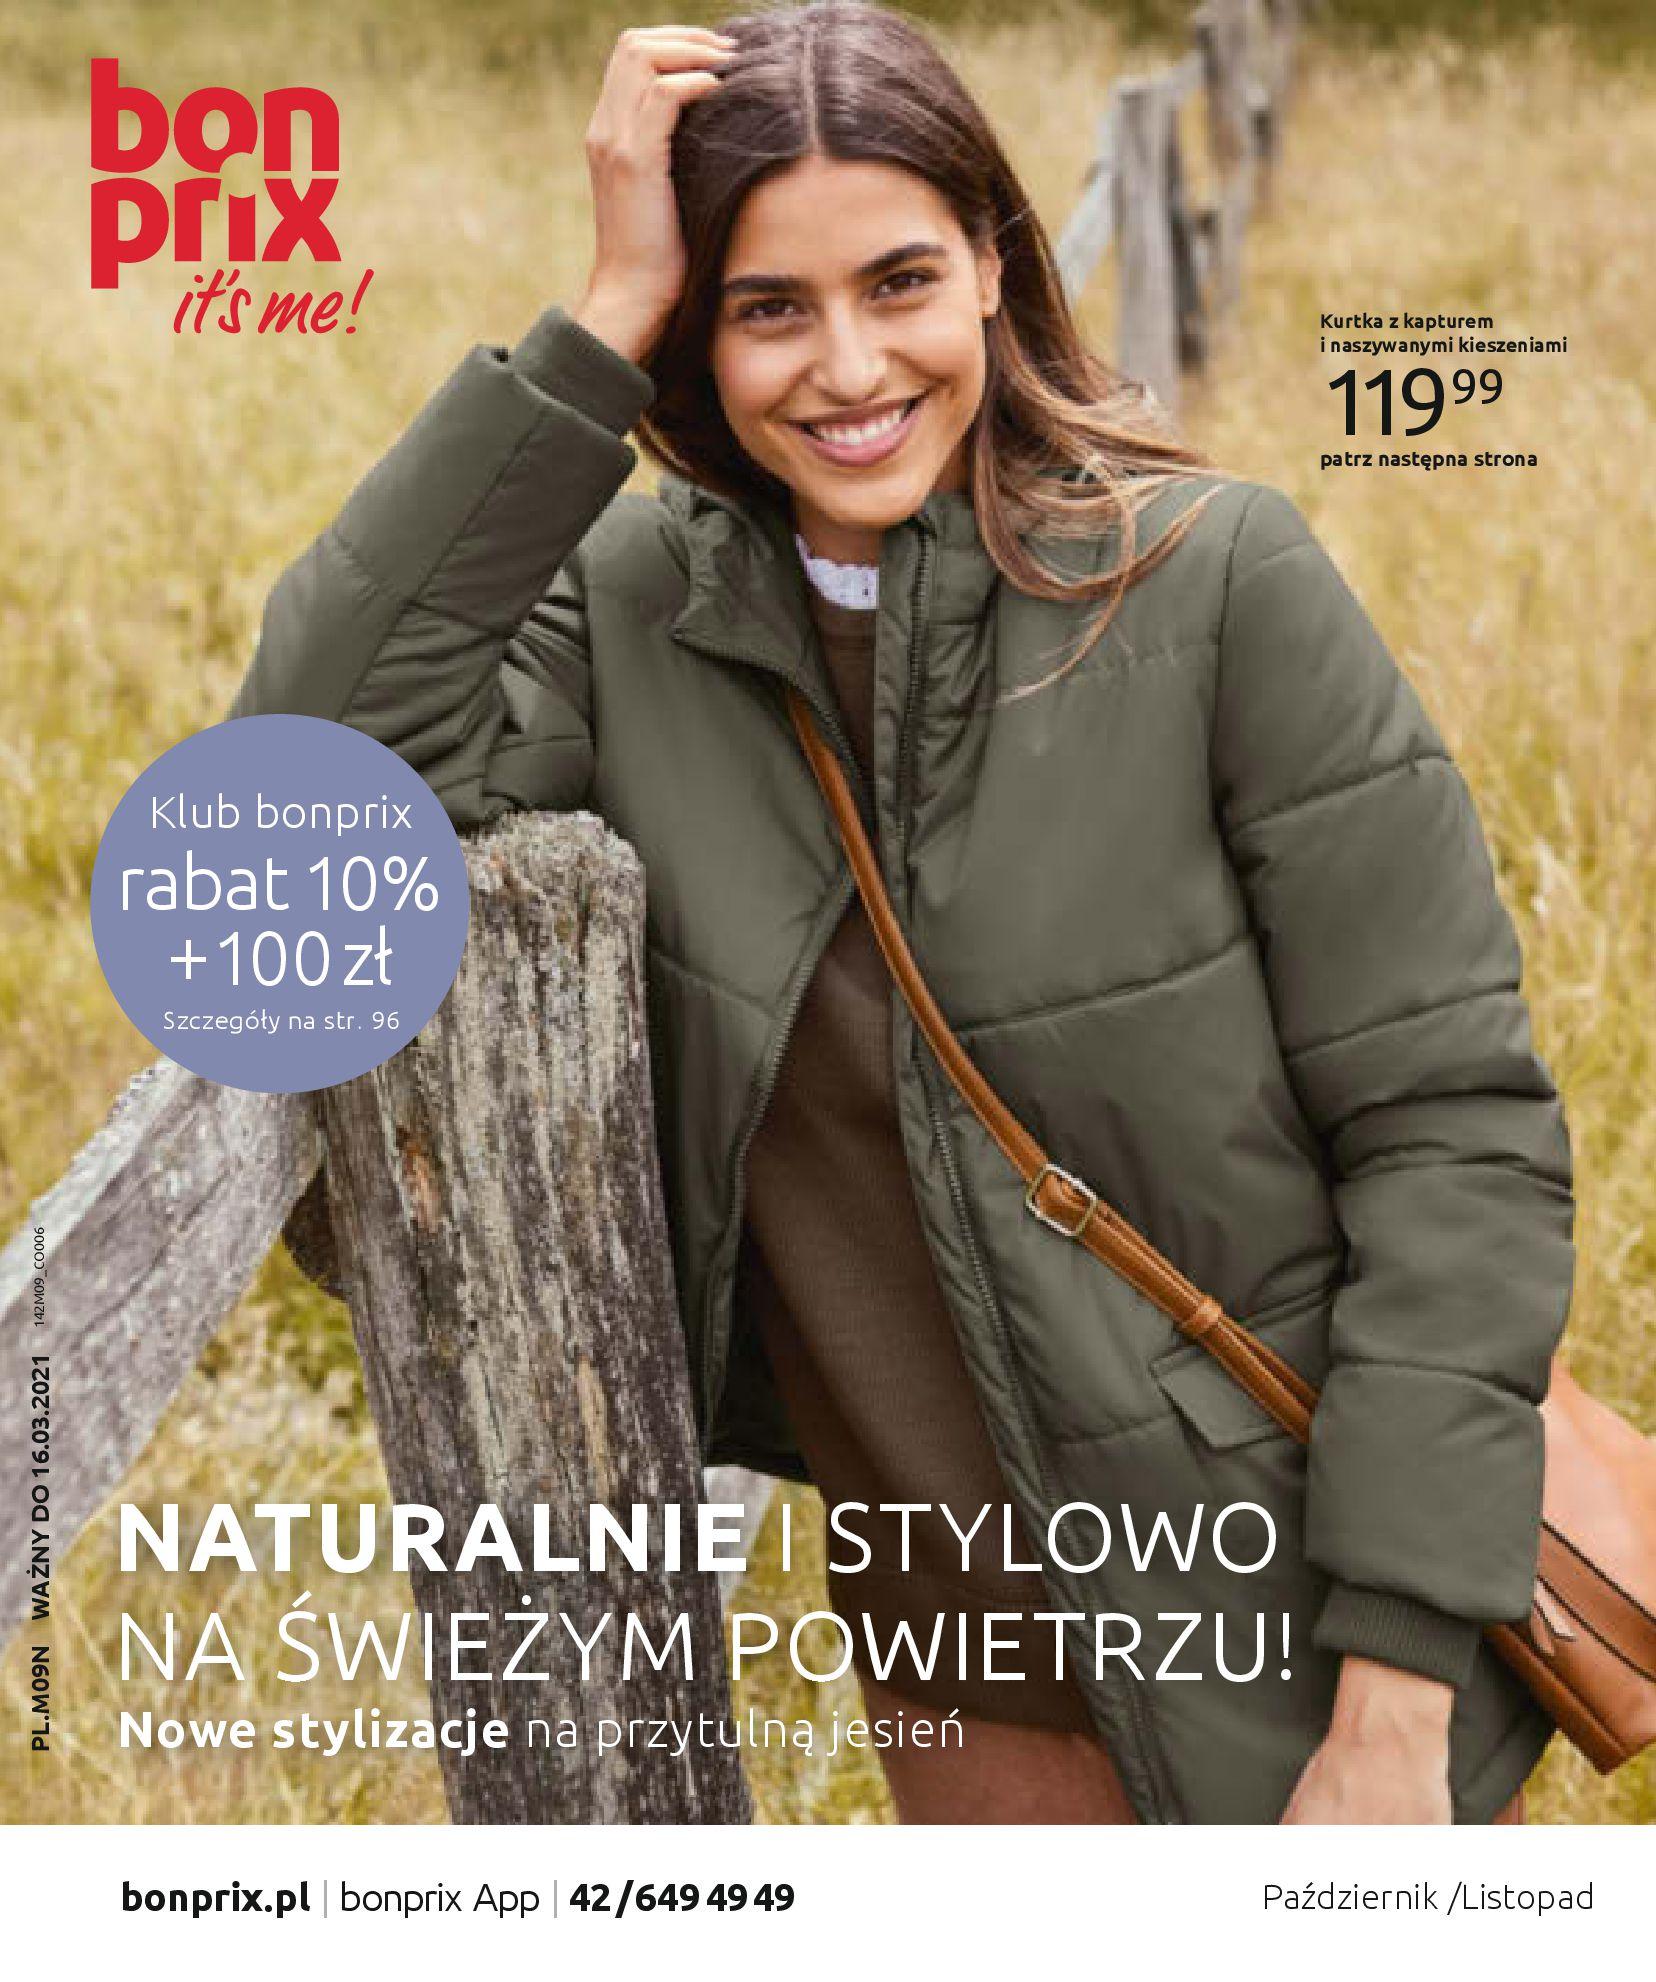 Gazetka Bonprix: Naturalnie i stylowo 2020-09-24 page-1